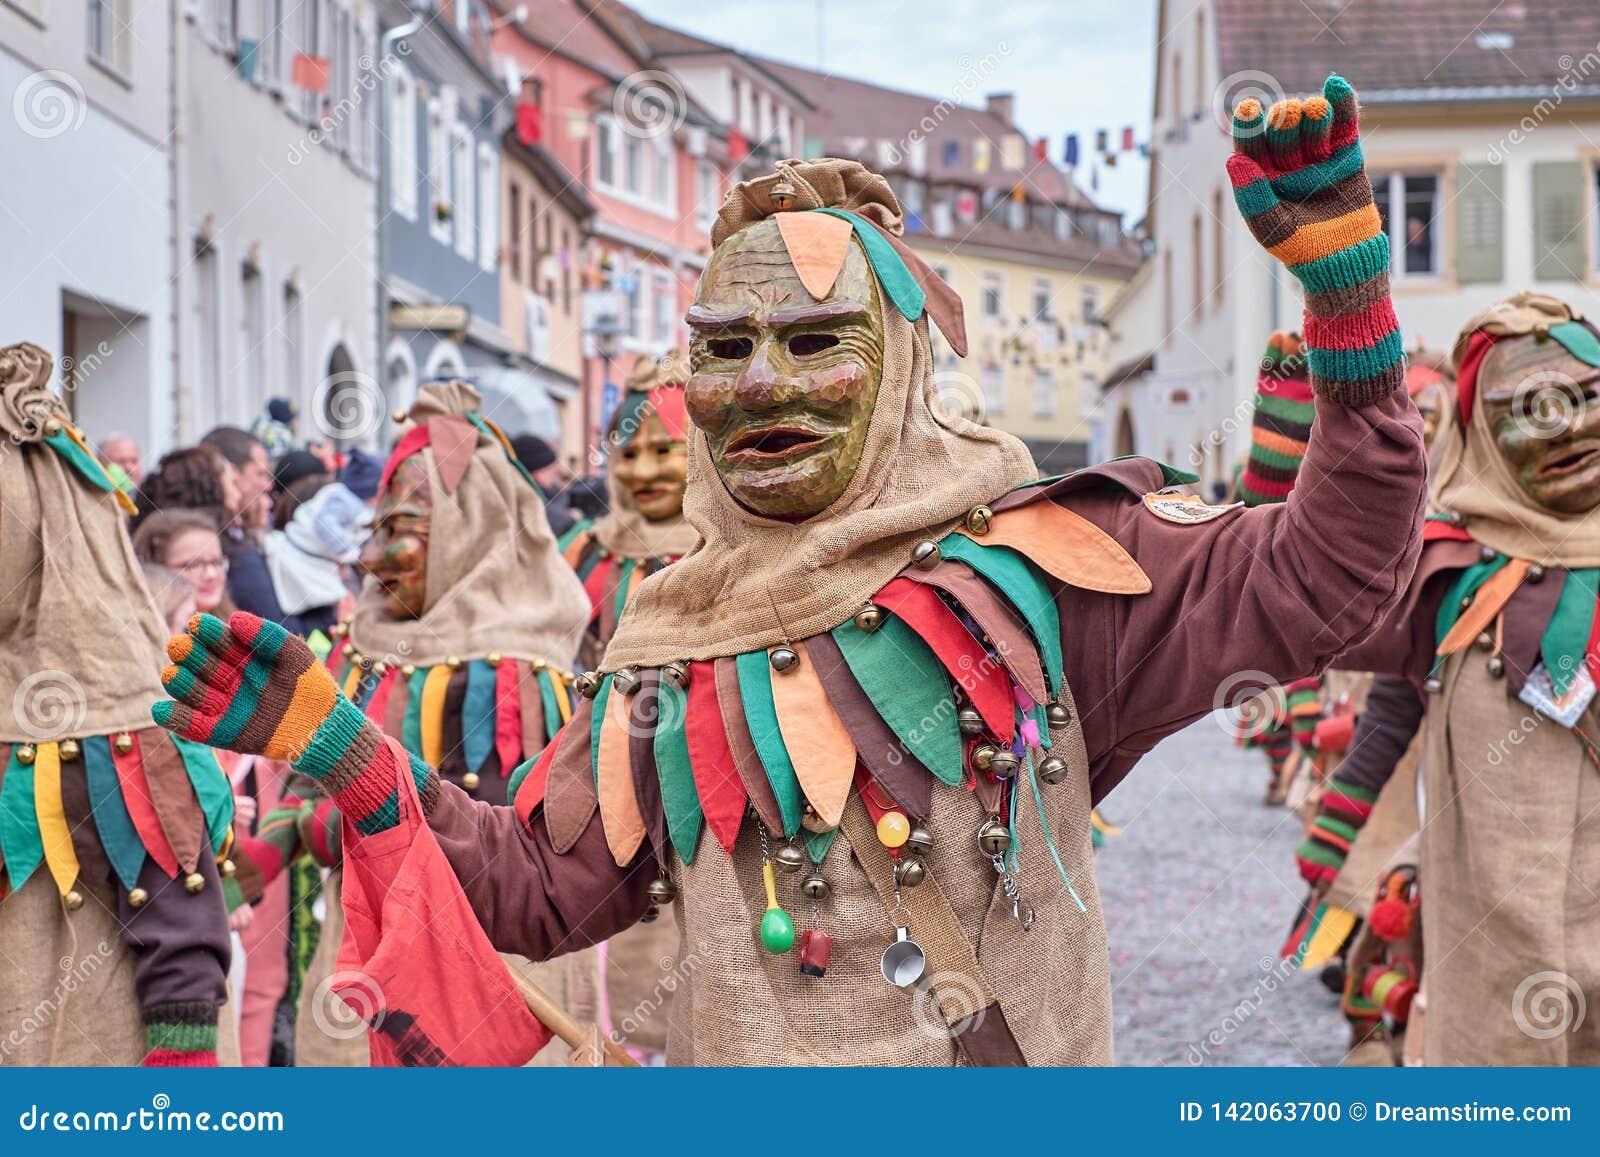 Tanzende Karnevalszahl mit dem Kostüm hergestellt vom Sackstoff